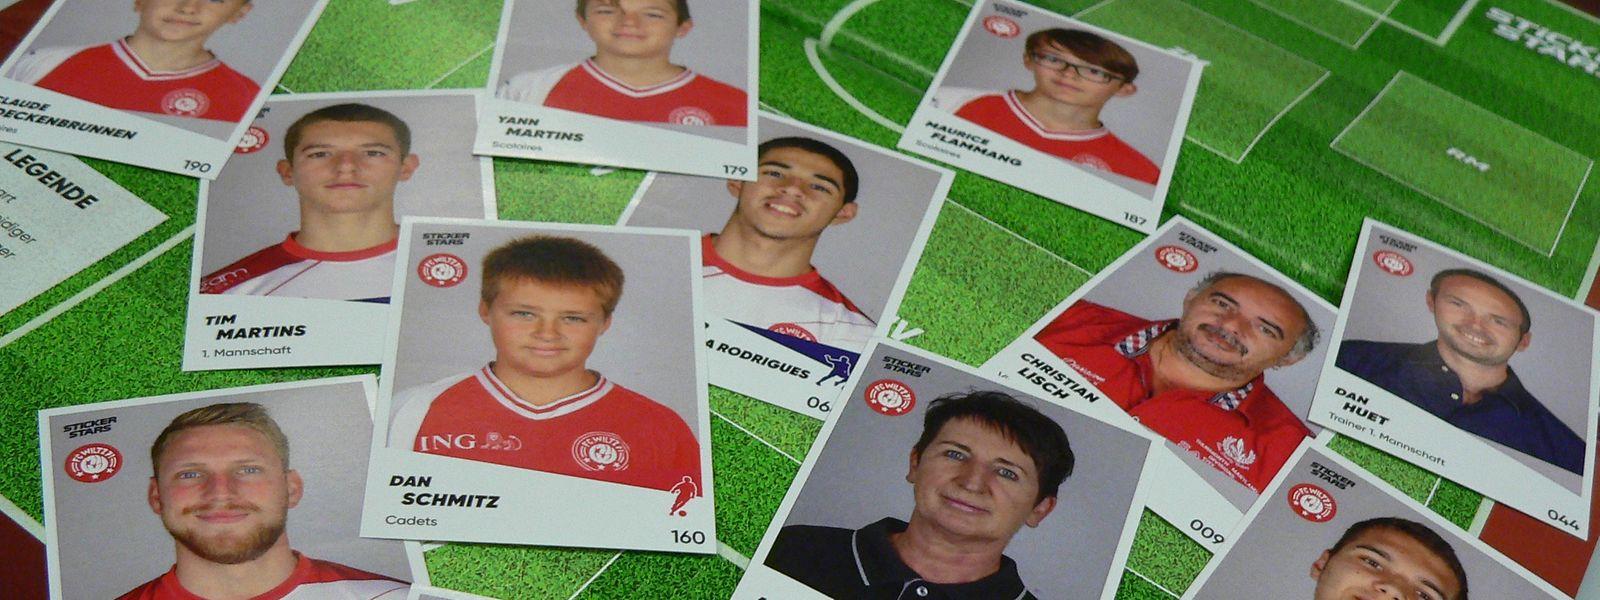 Vom Stümer bis zur Ausschankhilfe sind im Stickeralbum des FC Wiltz quasi alle Aktivkräfte des Vereins vereint.